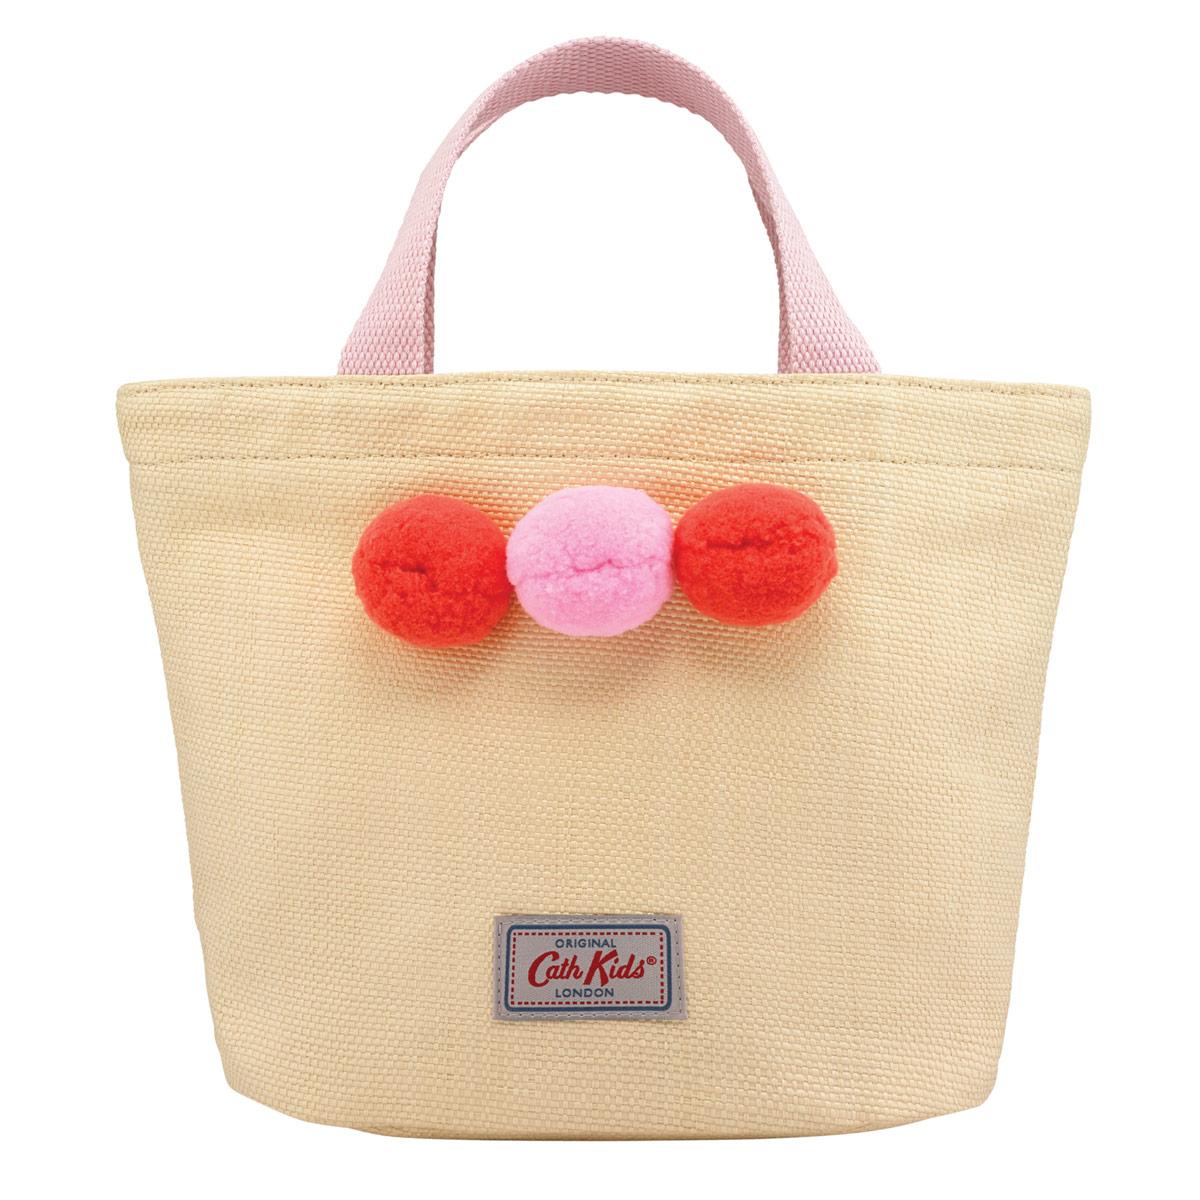 Cath Kidston kids straw pom pom bag £7.65 (free C&C)